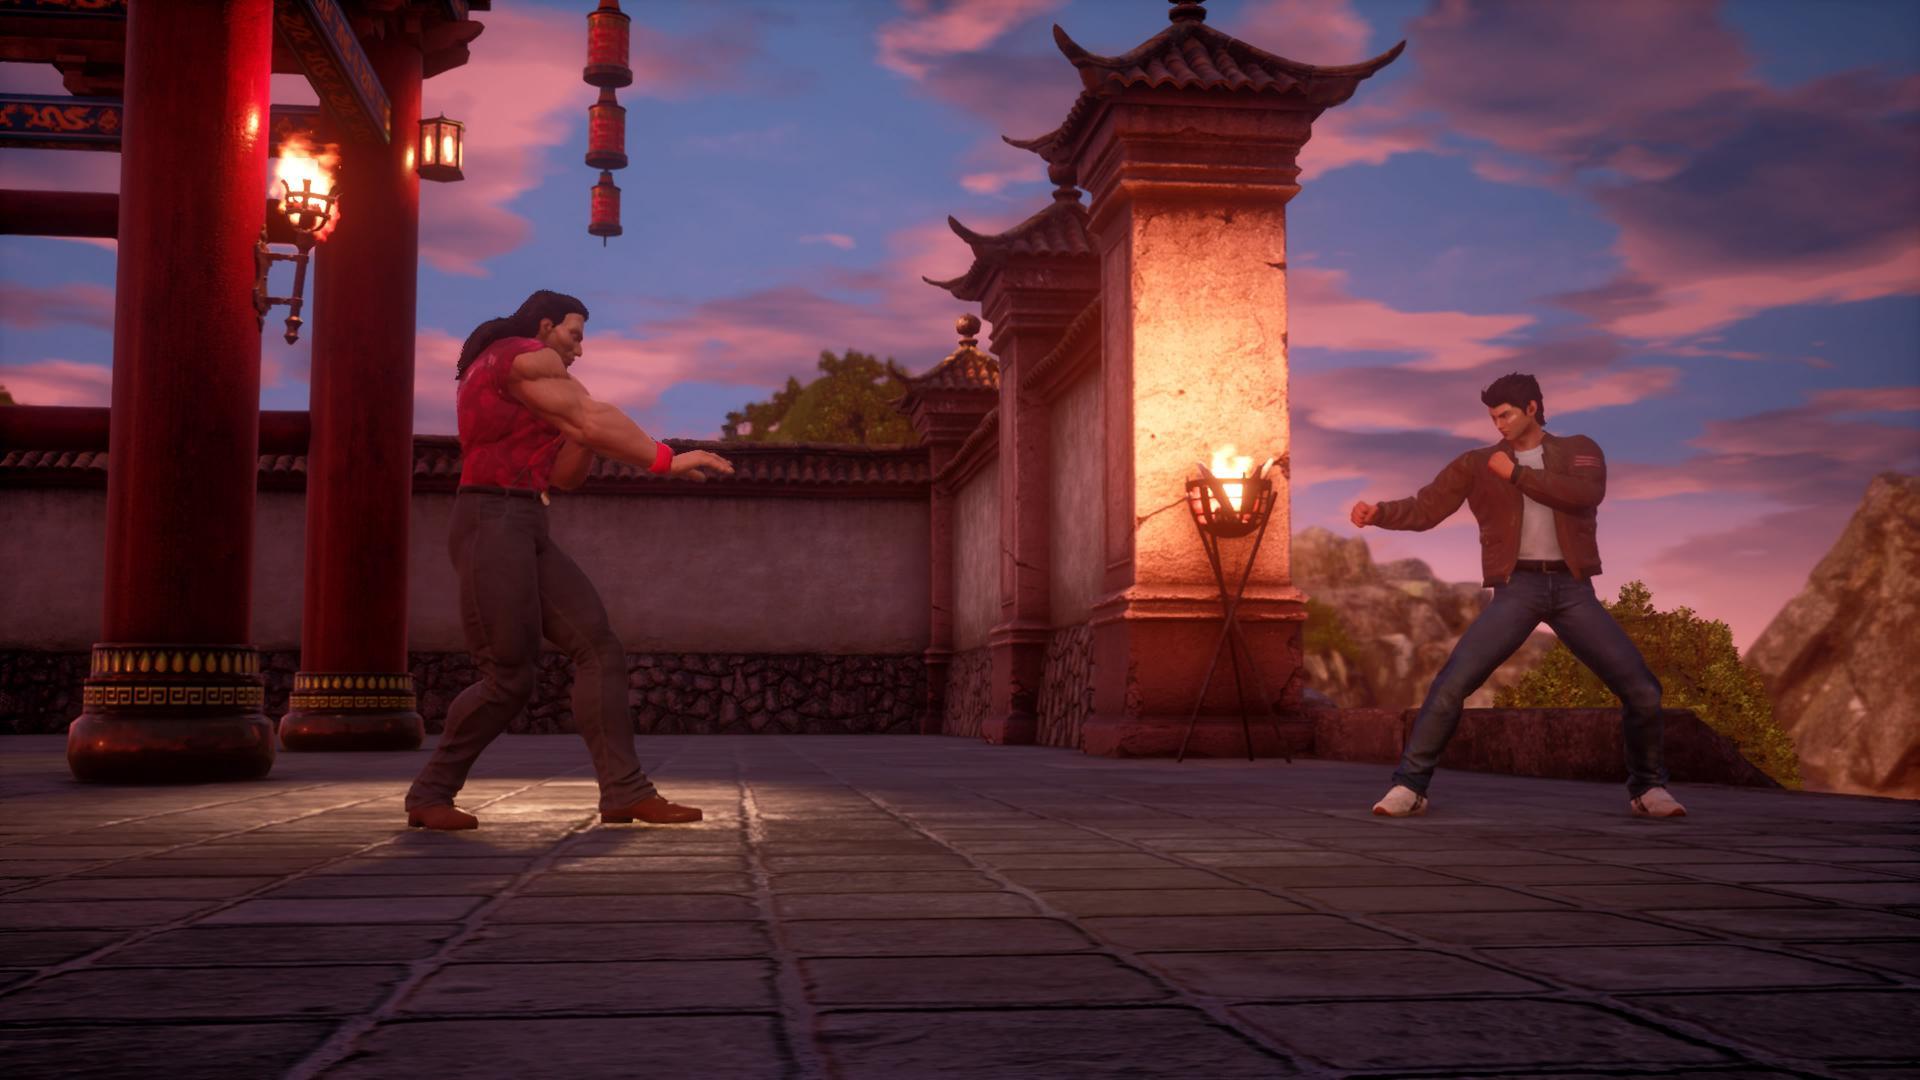 Shenmue fight scene